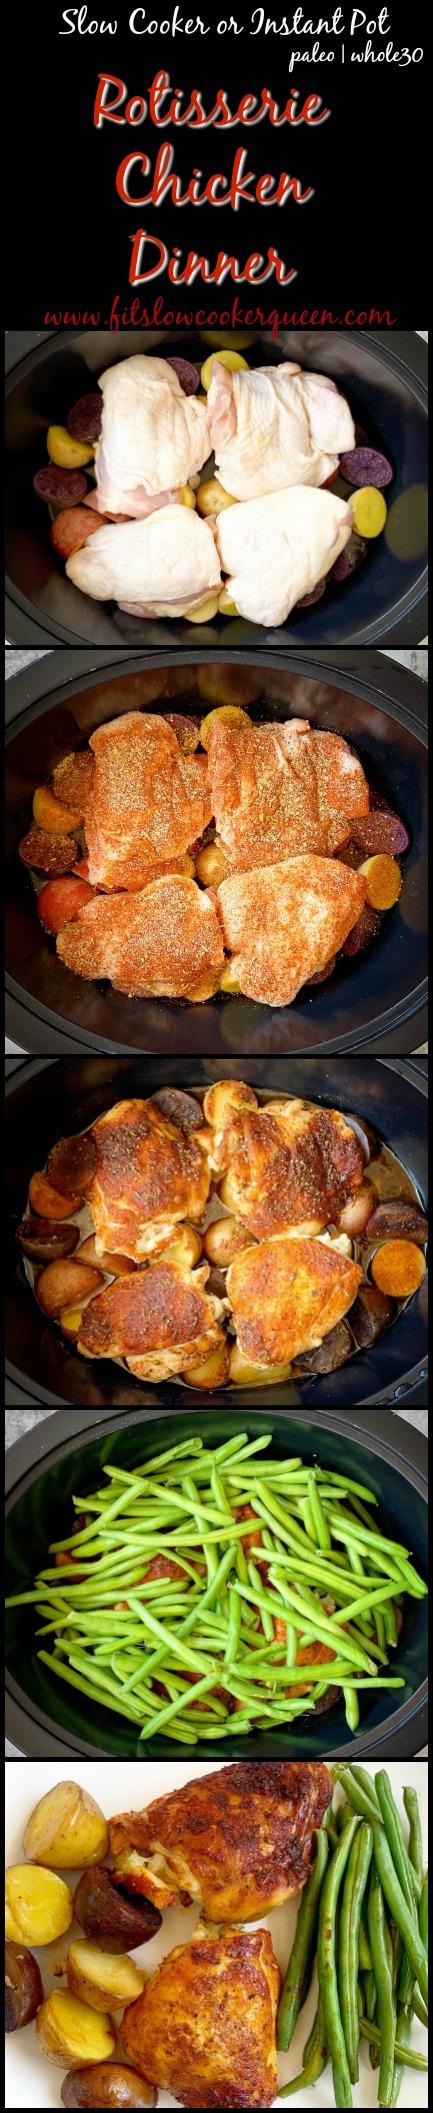 pinterest pin for slow cooker or instant pot rotisserie chicken dinner